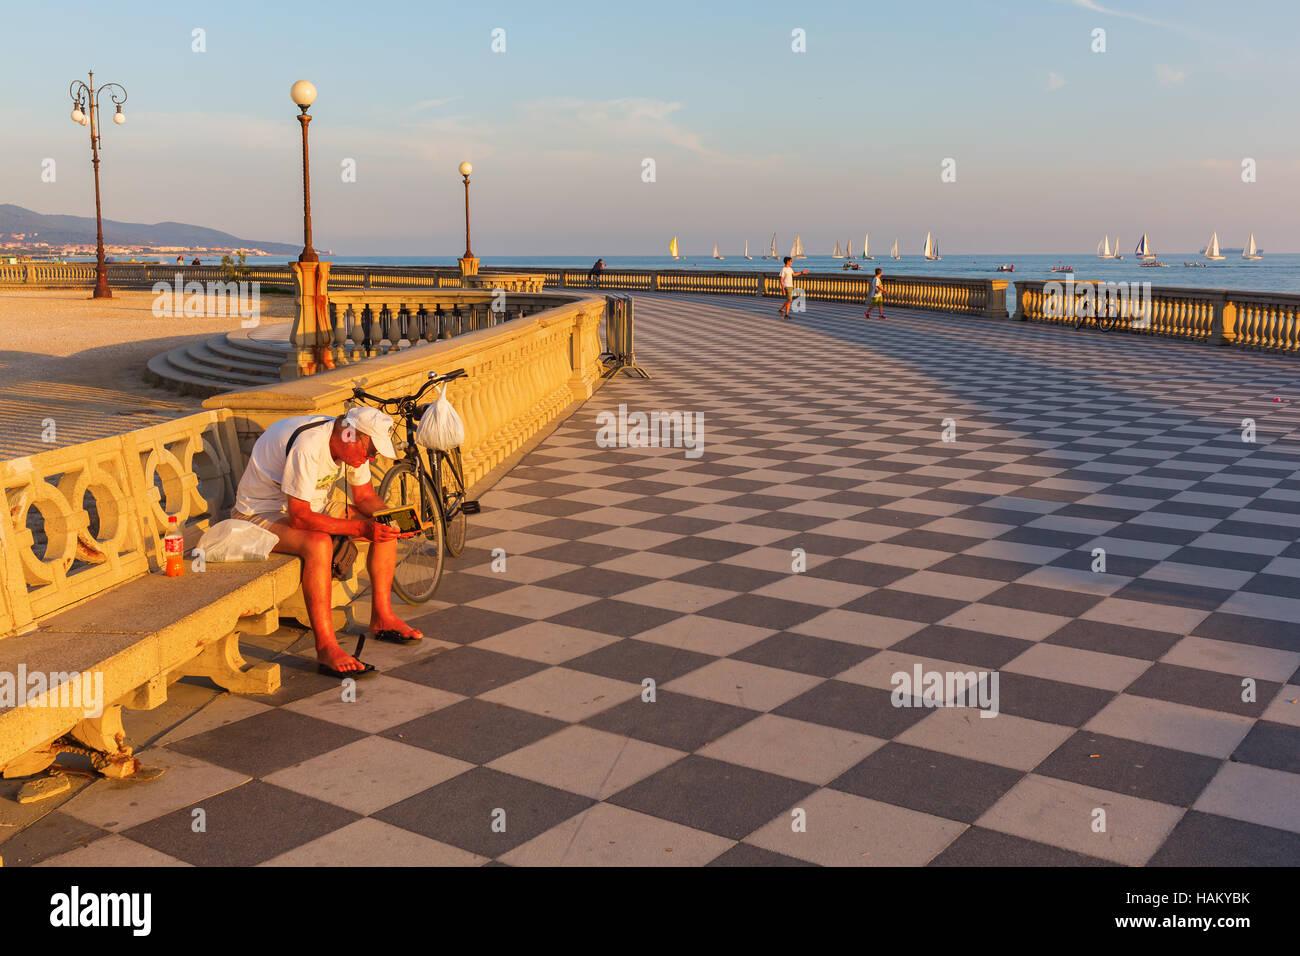 Terrazza Mascagni in Livorno, Italy Stock Photo: 127057719 - Alamy